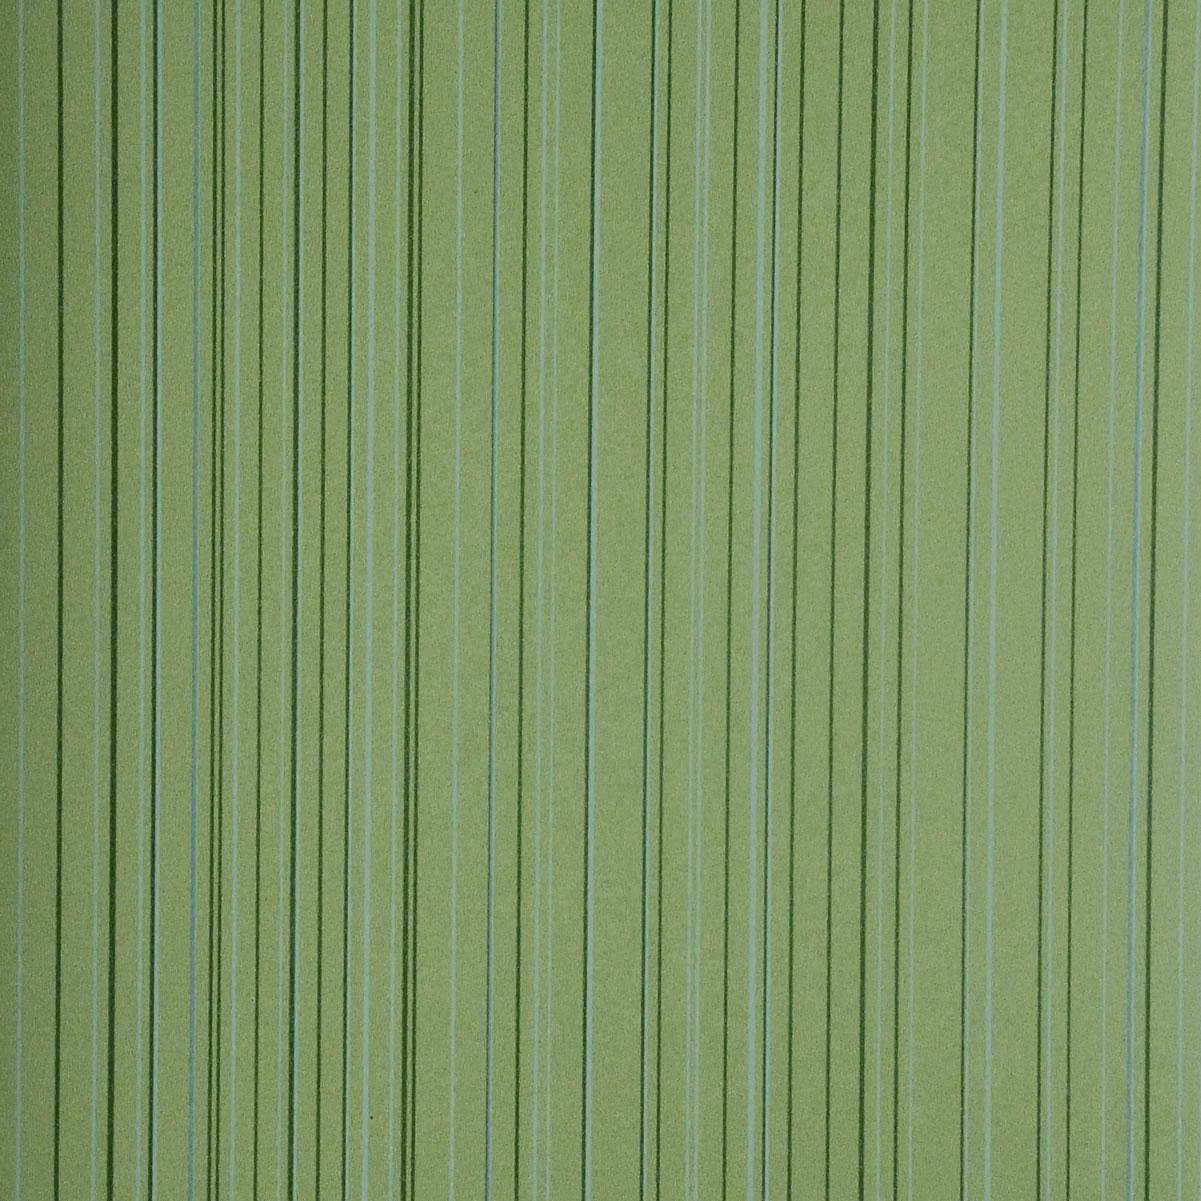 墨绿色手机壁纸卡通_图片素材